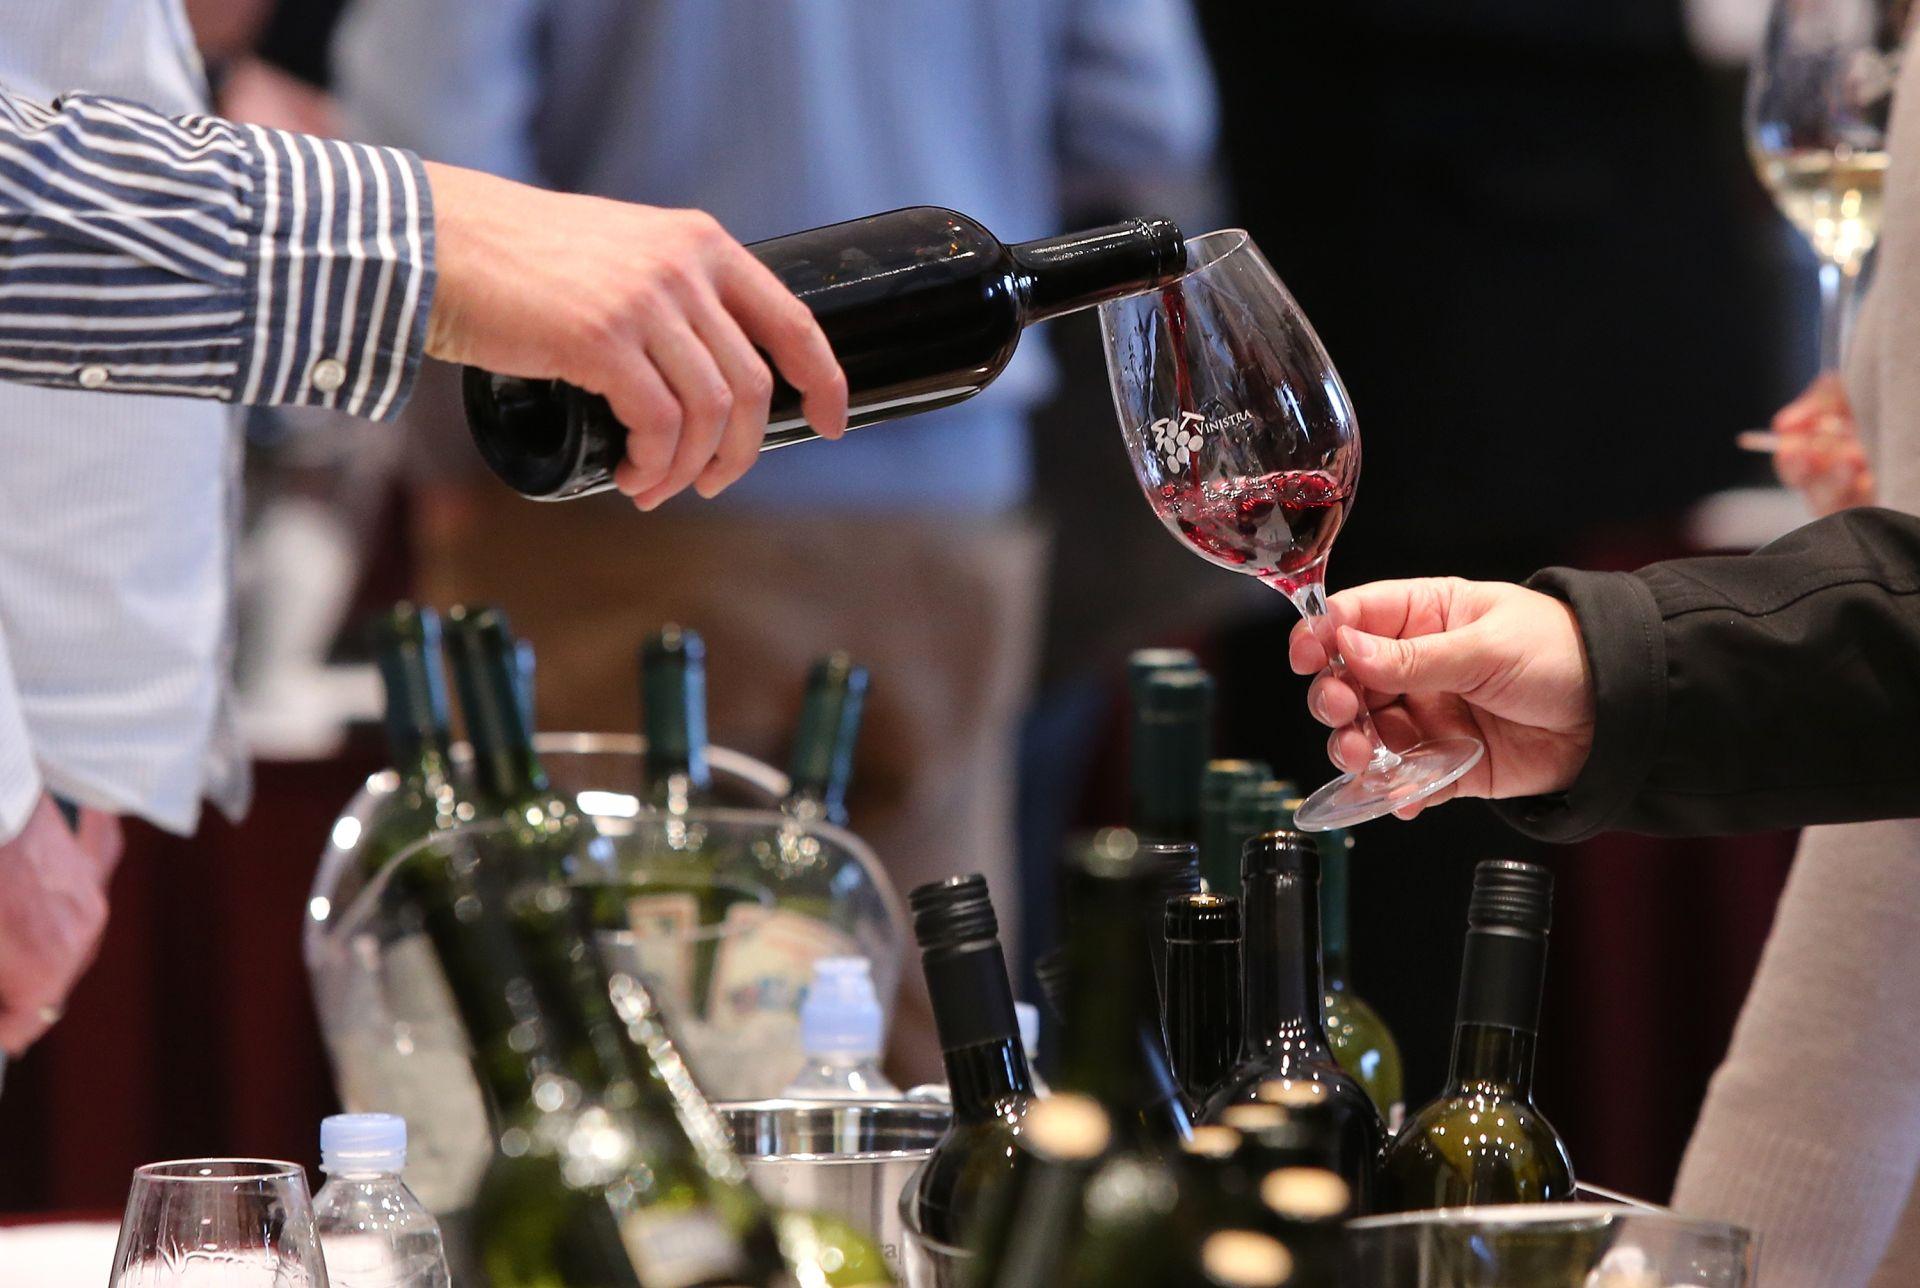 UNIŠTENI HEKTOLITRI: Španjolska traži od Francuske prekid napada na prijevoznike vina